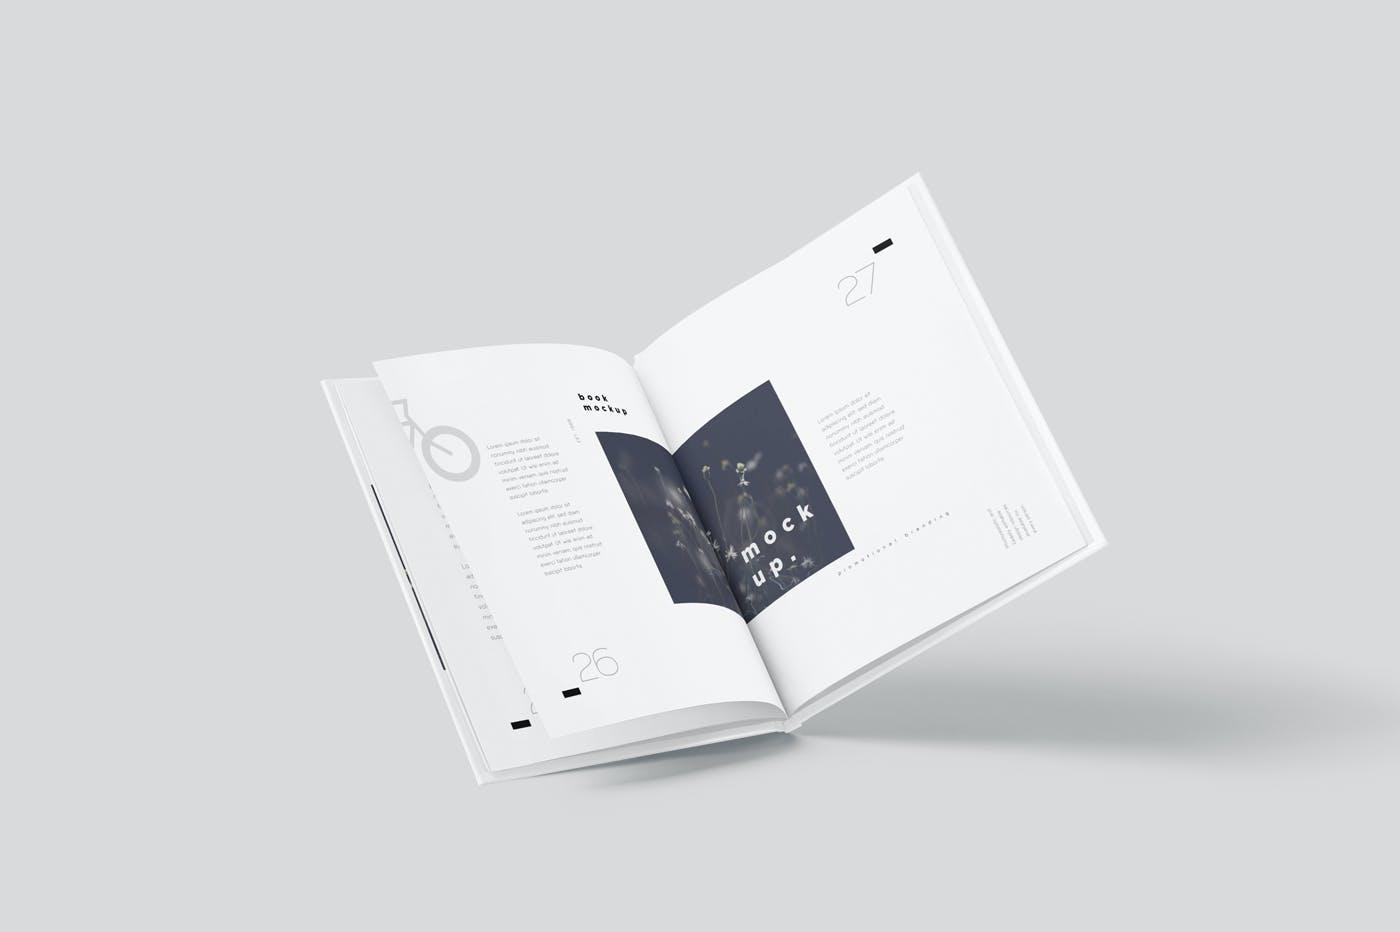 6款悬浮精装书画册设计展示贴图样机模板 Floating Hardcover Book Mockups插图5